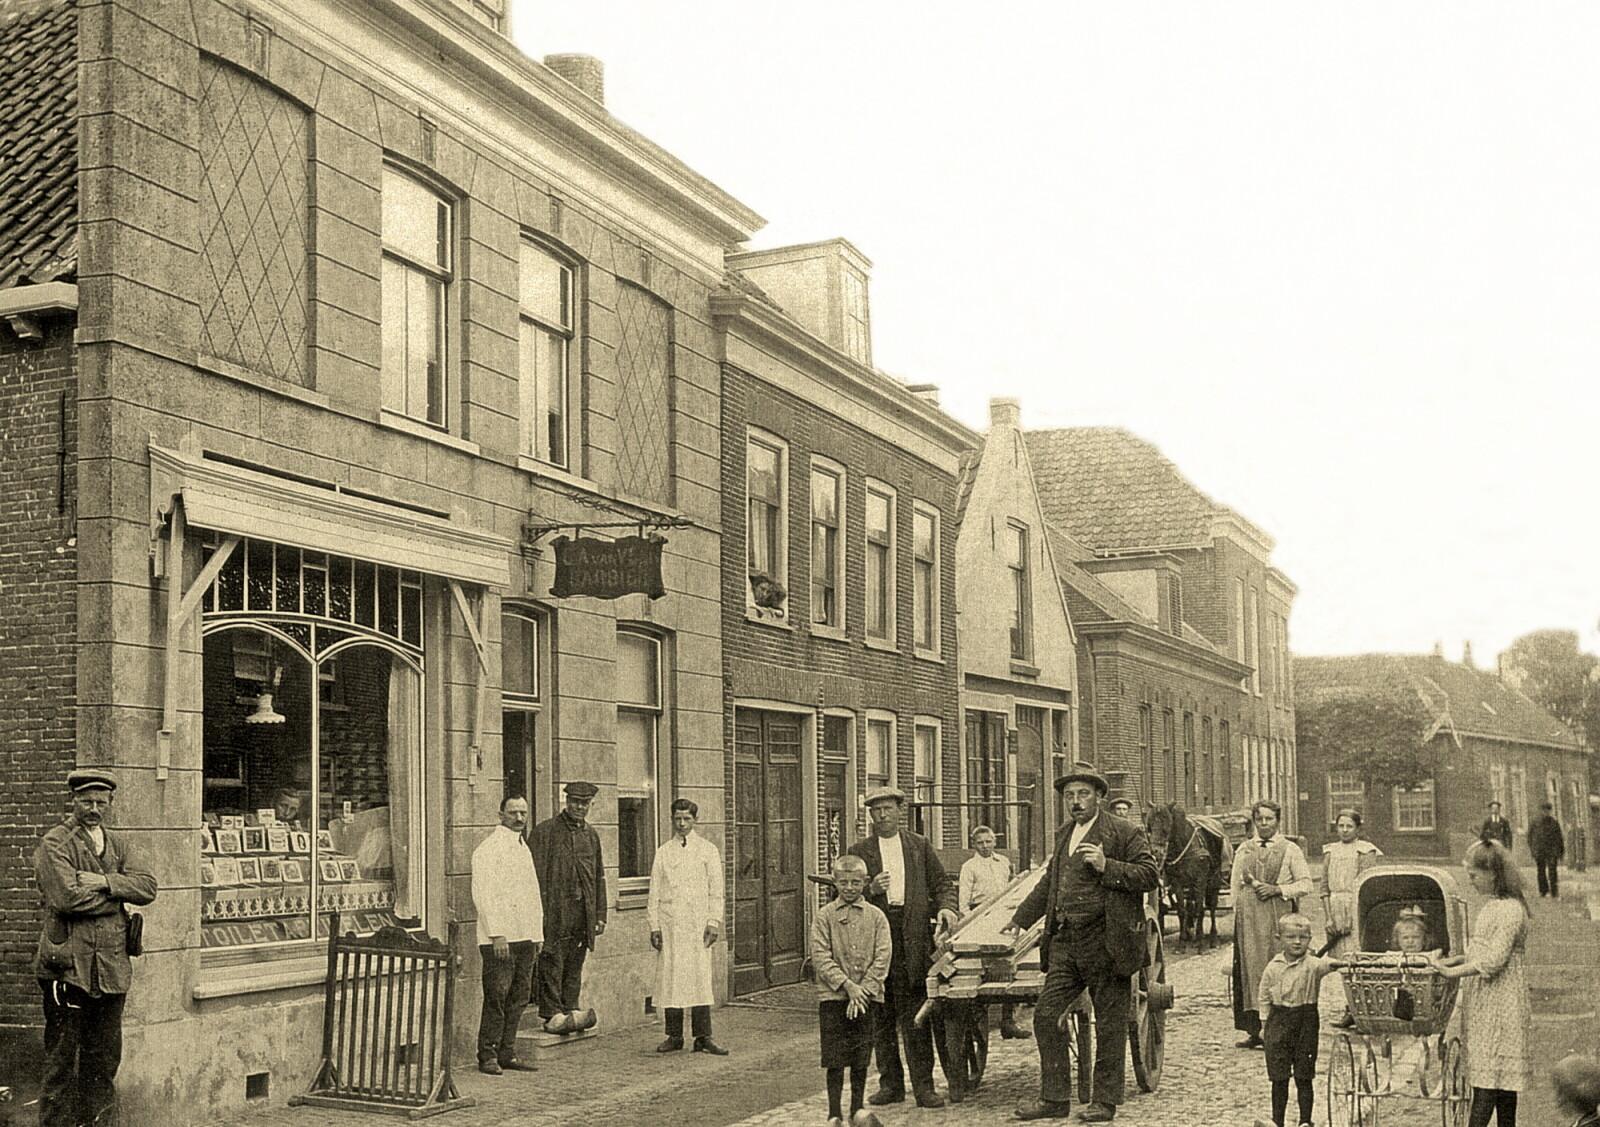 lf-1920-82-venestraat-jpeg-pix-2000.jpg